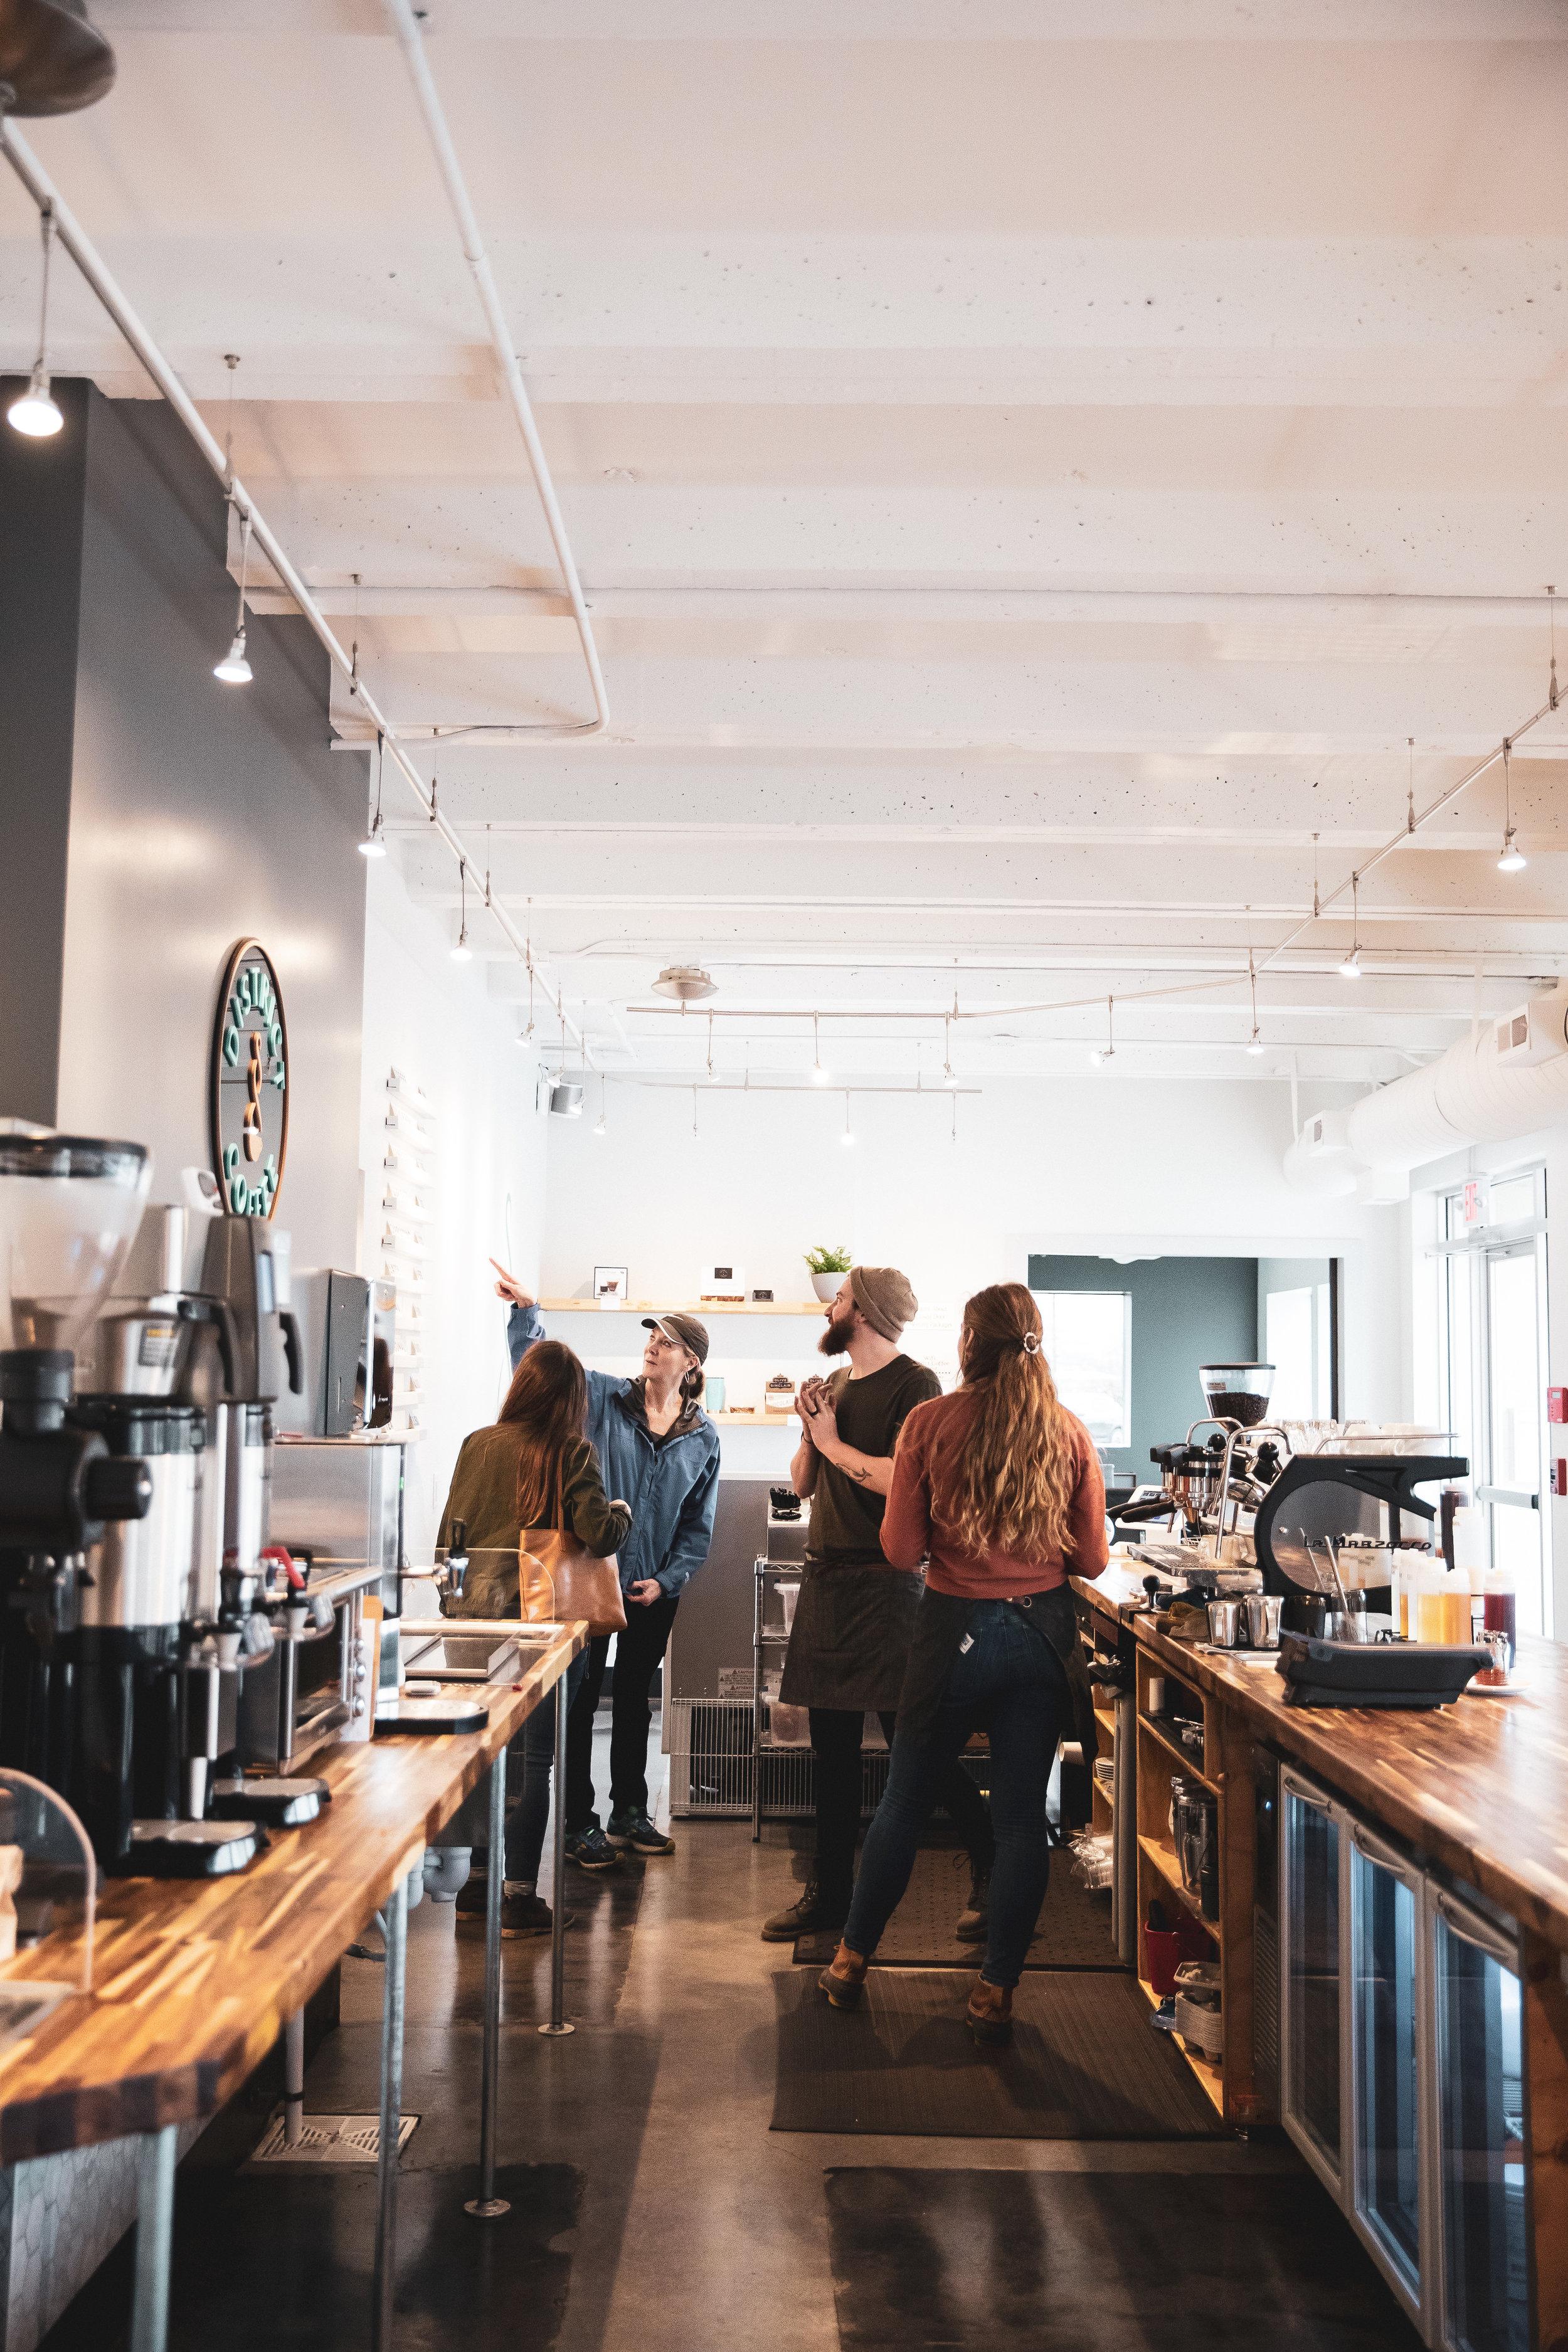 coffeeshop-photography-9I0661.jpg